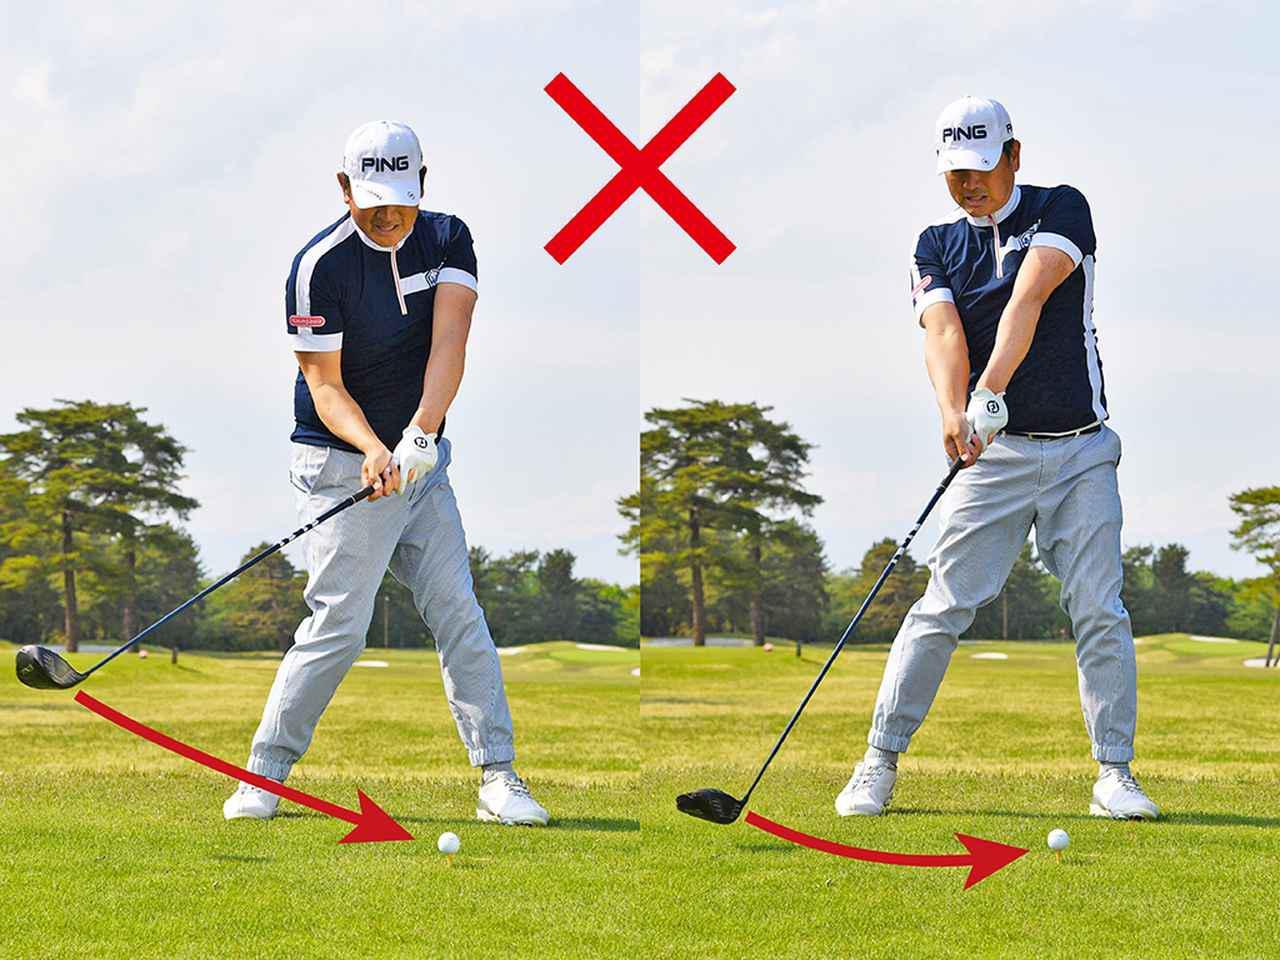 画像2: 【ポイント②】 手先を使わず体の回転でクラブを下ろす